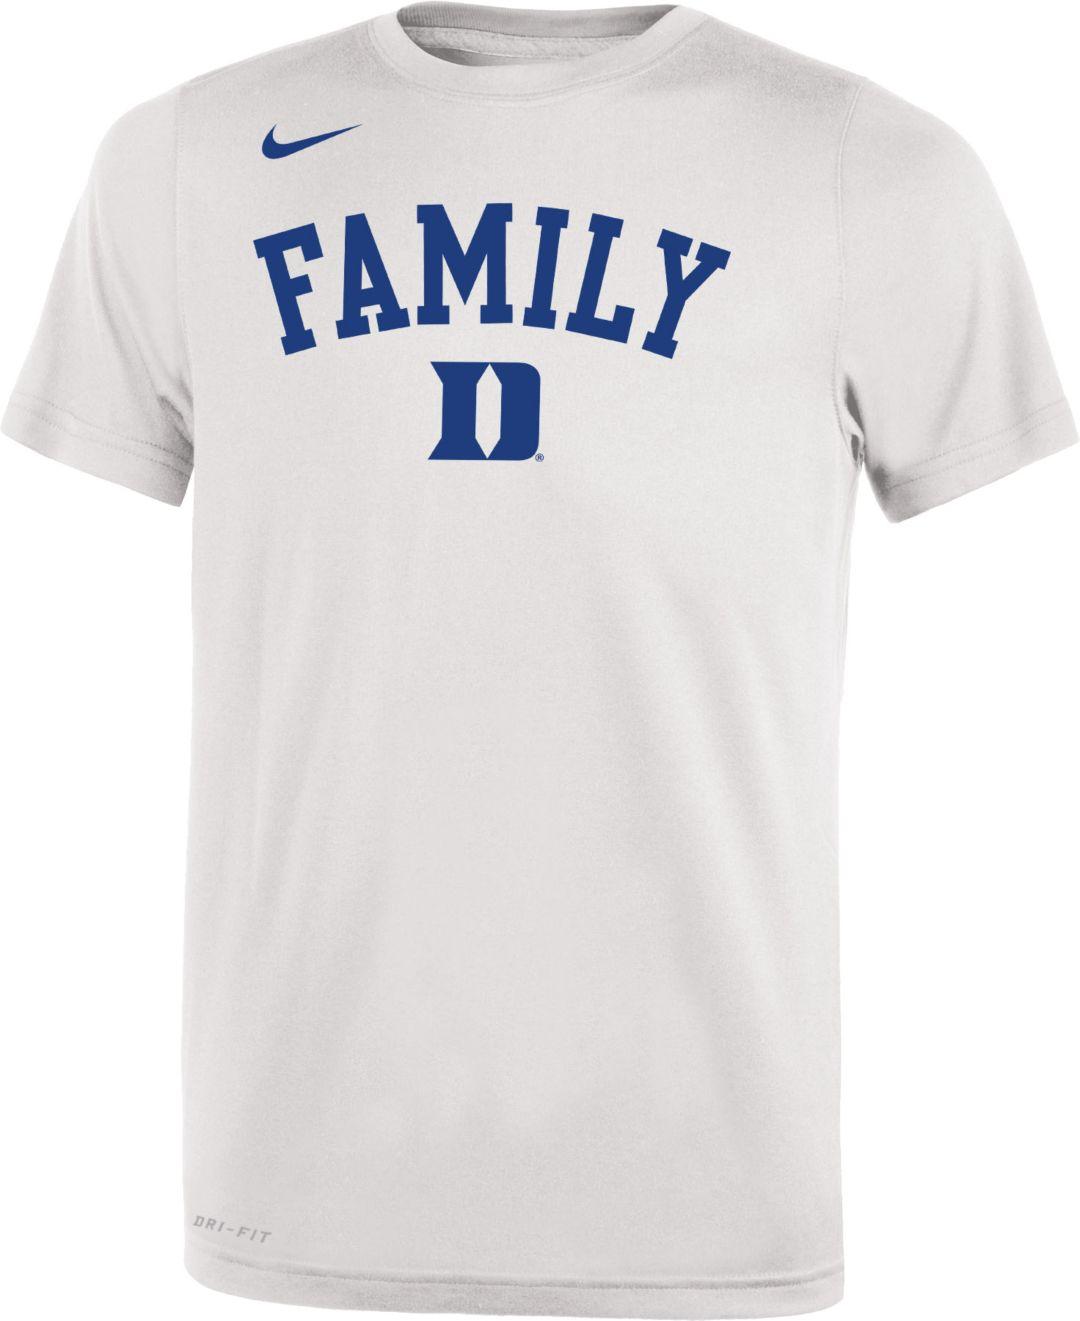 08273f0b7 Nike Youth Duke Blue Devils 'Family' Bench White T-Shirt | DICK'S ...